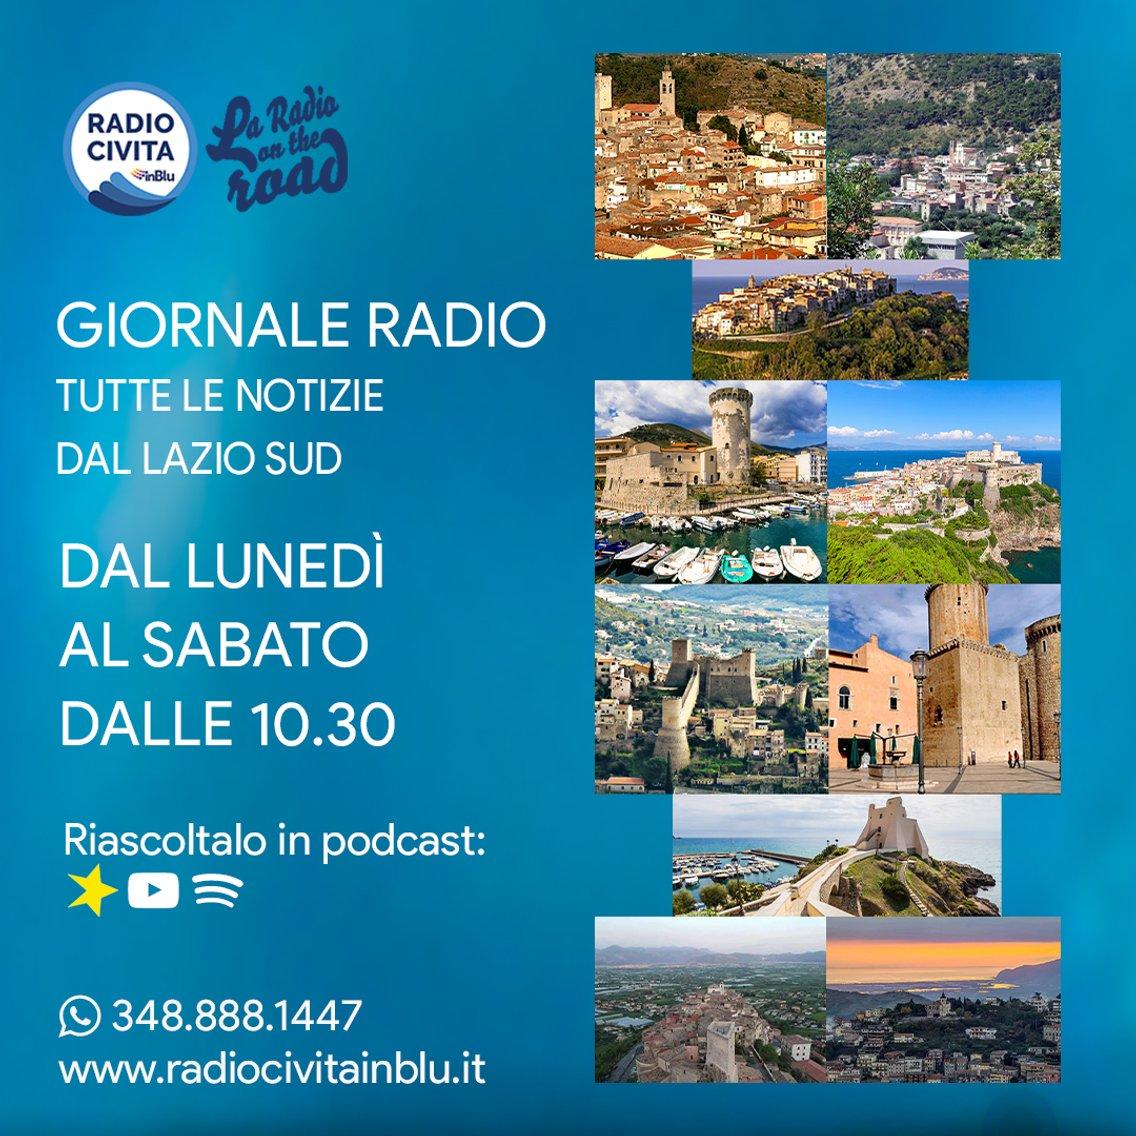 Notizie dal Lazio sud 2021 - Cover Image